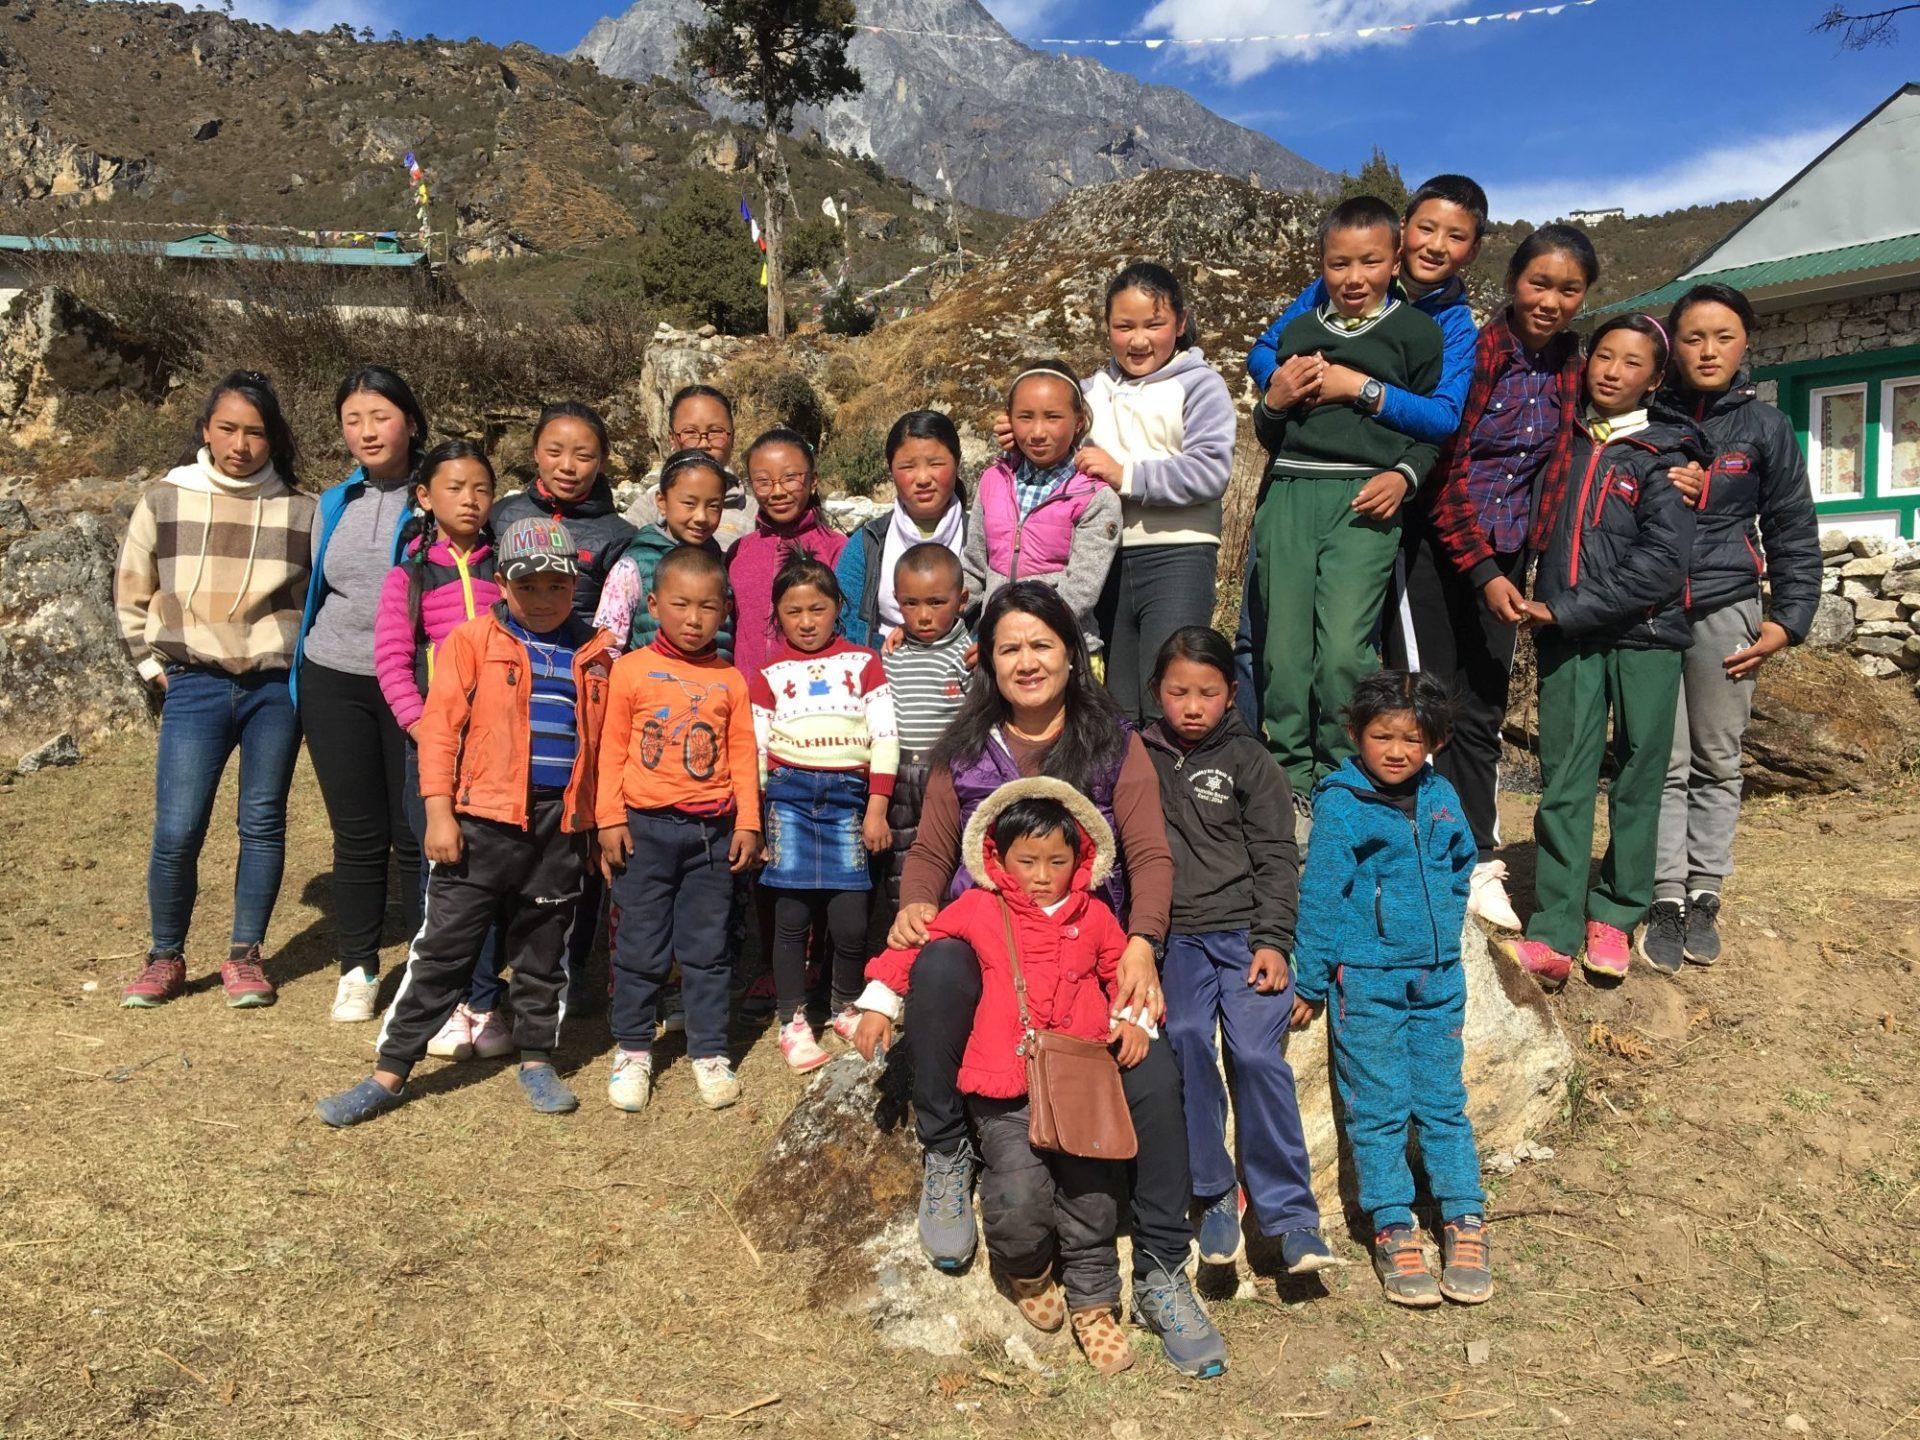 Schulkinder 2019 | Buddhi Maya Sherpa